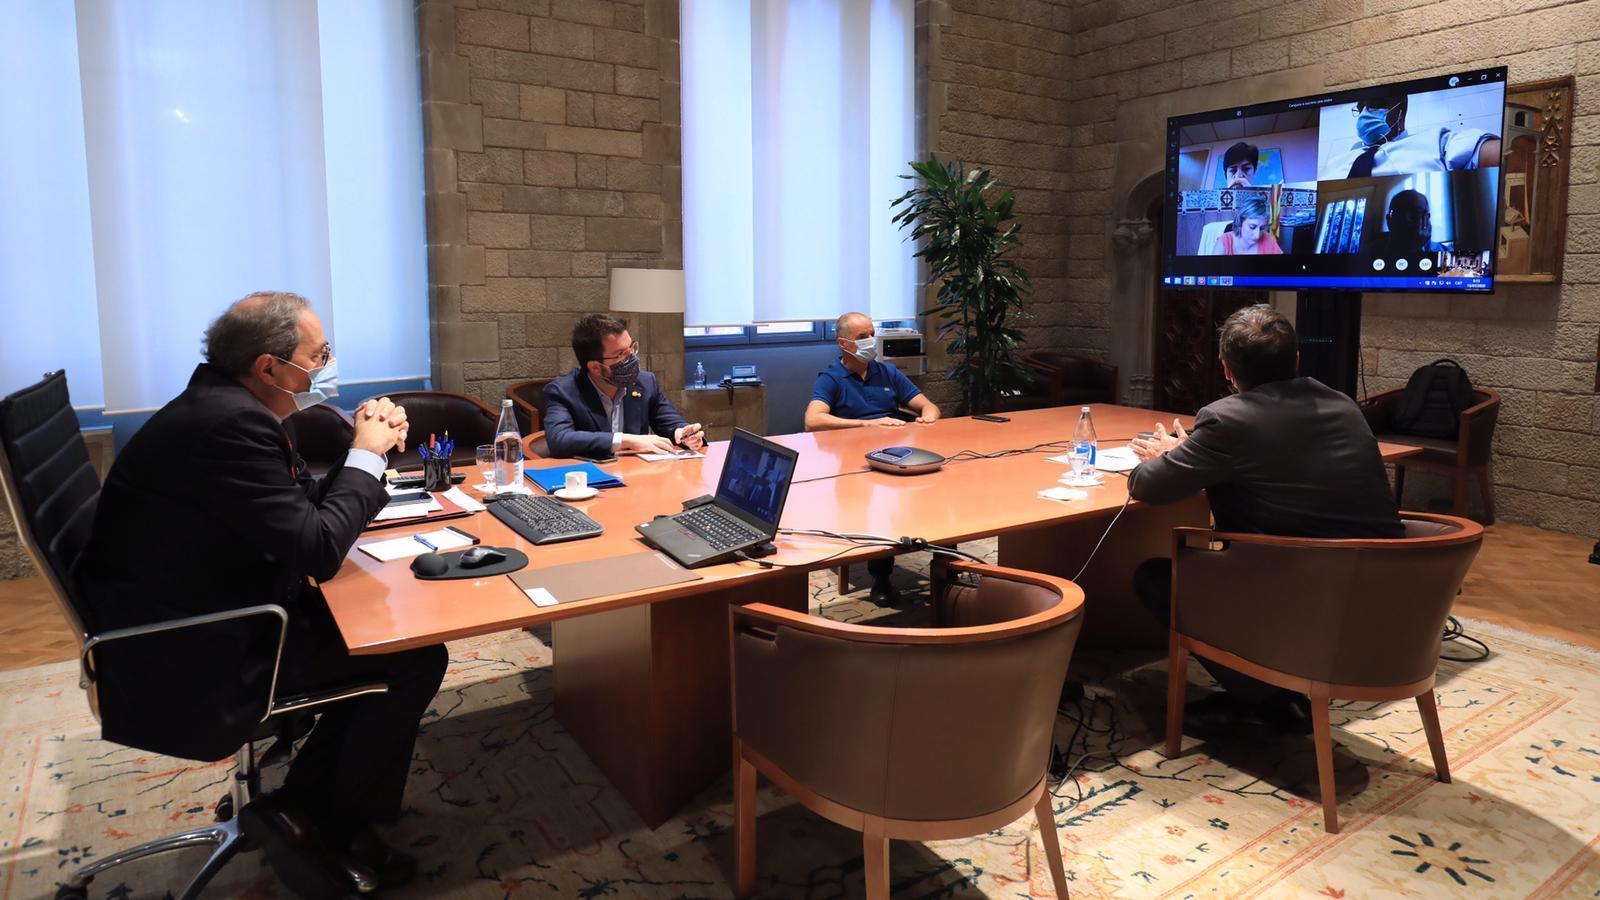 El president de la Generalitat, Quim Torra,  reunit amb el vicepresident del Govern, Pere Aragonès; la consellera de la Presidència, Meritxell Budó; el conseller d'Interior, Miquel Buch, i la consellera de Salut, Alba Vergés, per analitzar la situació generada per la decisió judicial sobre el confinament de Lleida